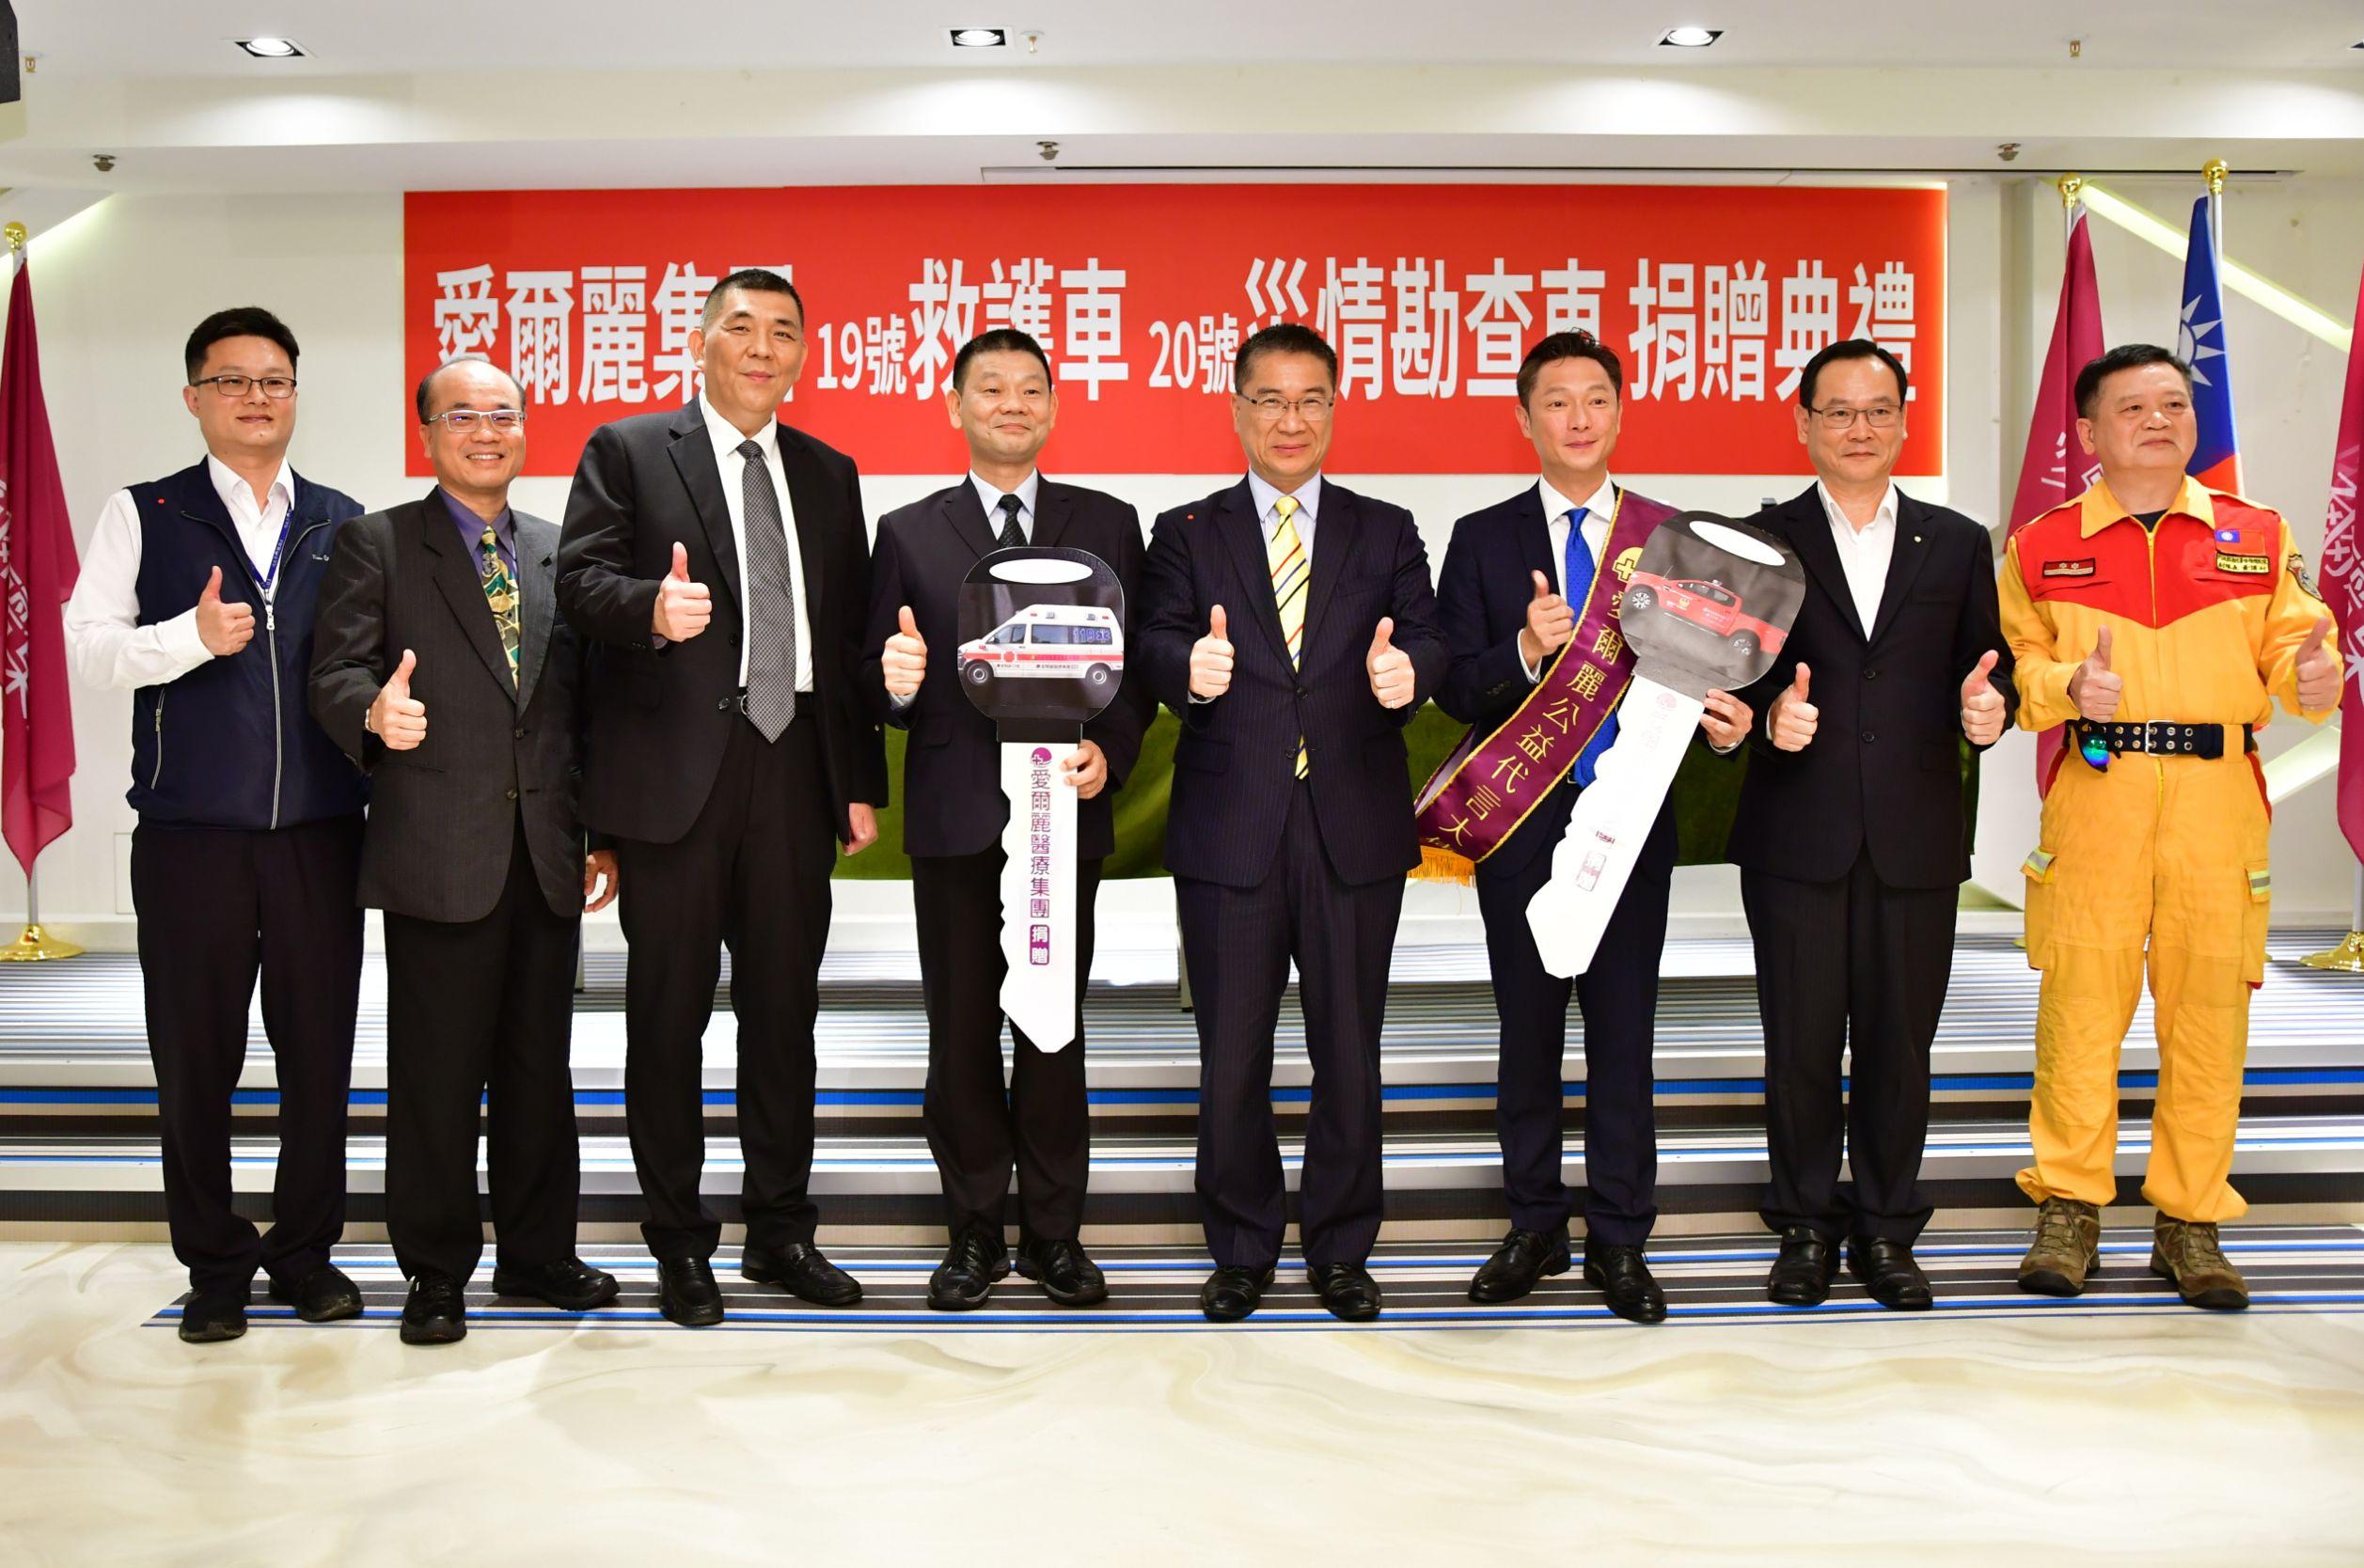 徐國勇部長(右4)與在場貴賓合影